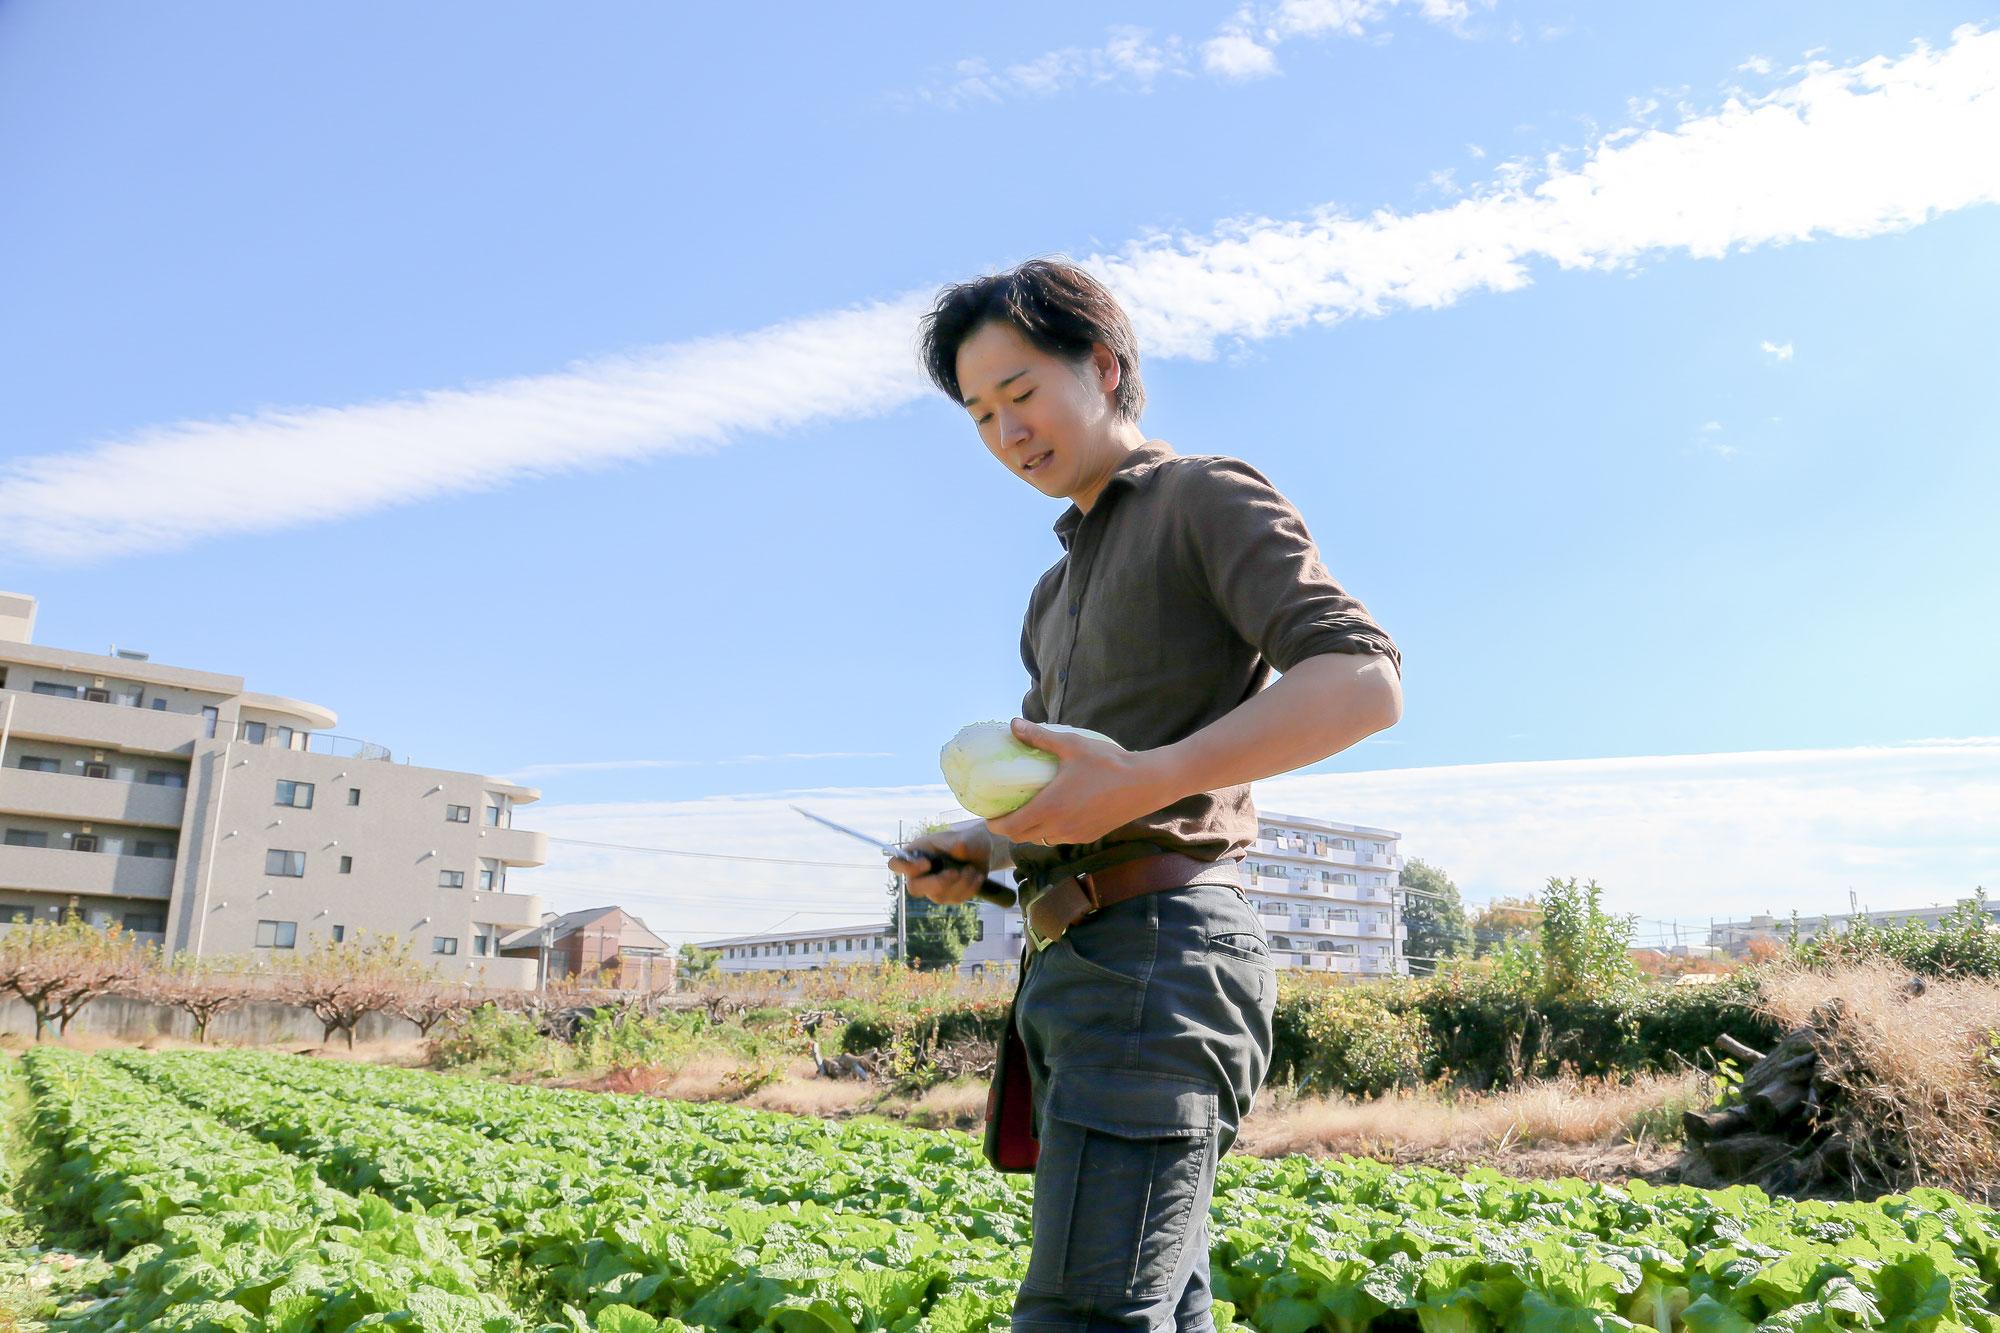 【青空レストラン】大原 賢士さん@小平市が登場します!